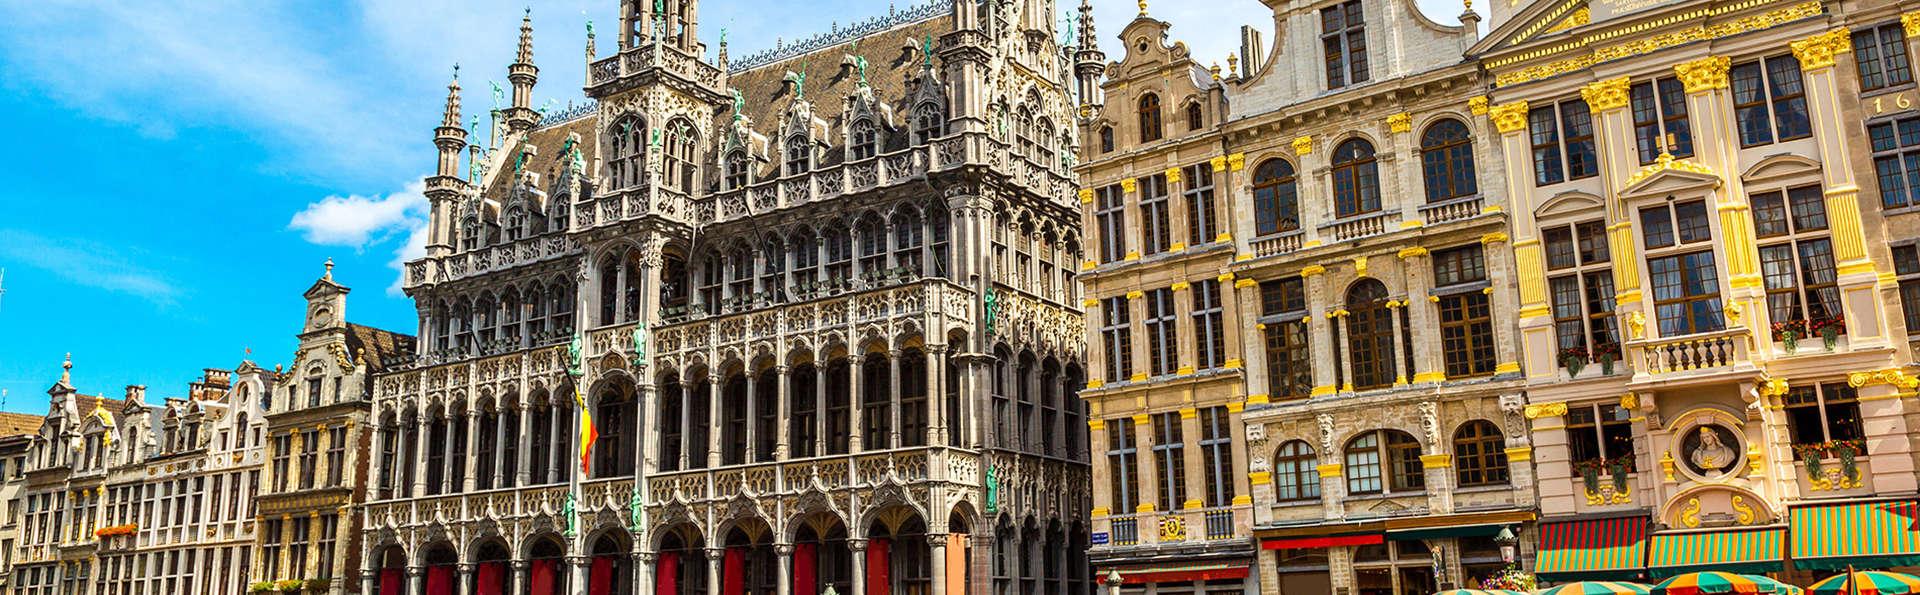 Escapade de luxe à Bruxelles